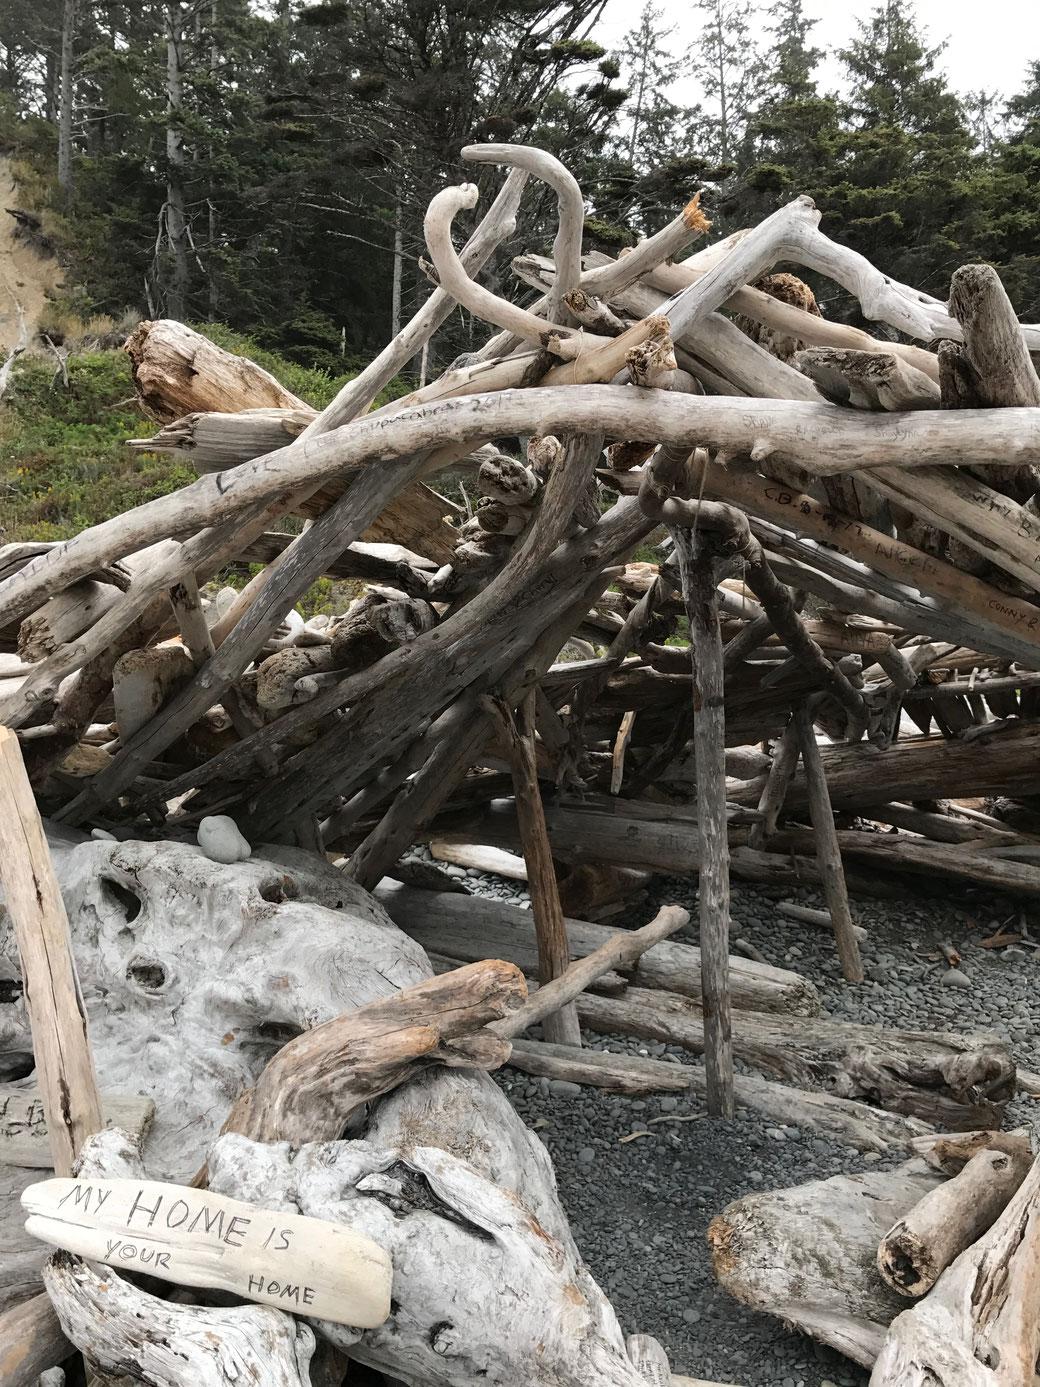 My home is your home. In den zahlreichen Verschlägen aus Treibholz findet man Schutz vor Wind und Wetter.